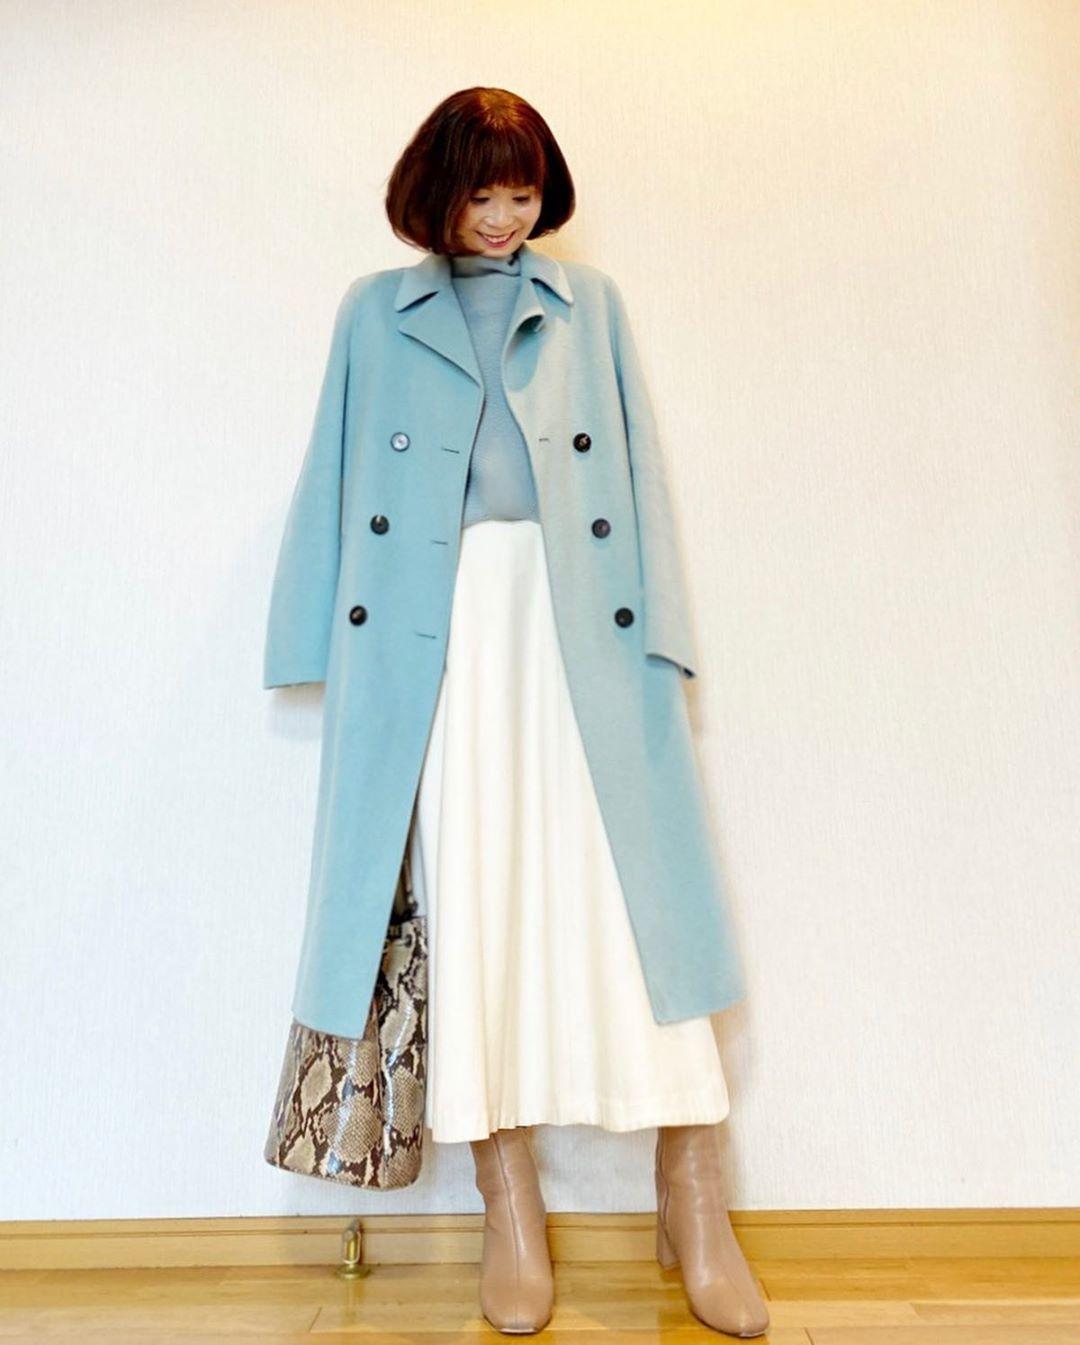 最高気温15度・最低気温5度 acmee.chiyoの服装